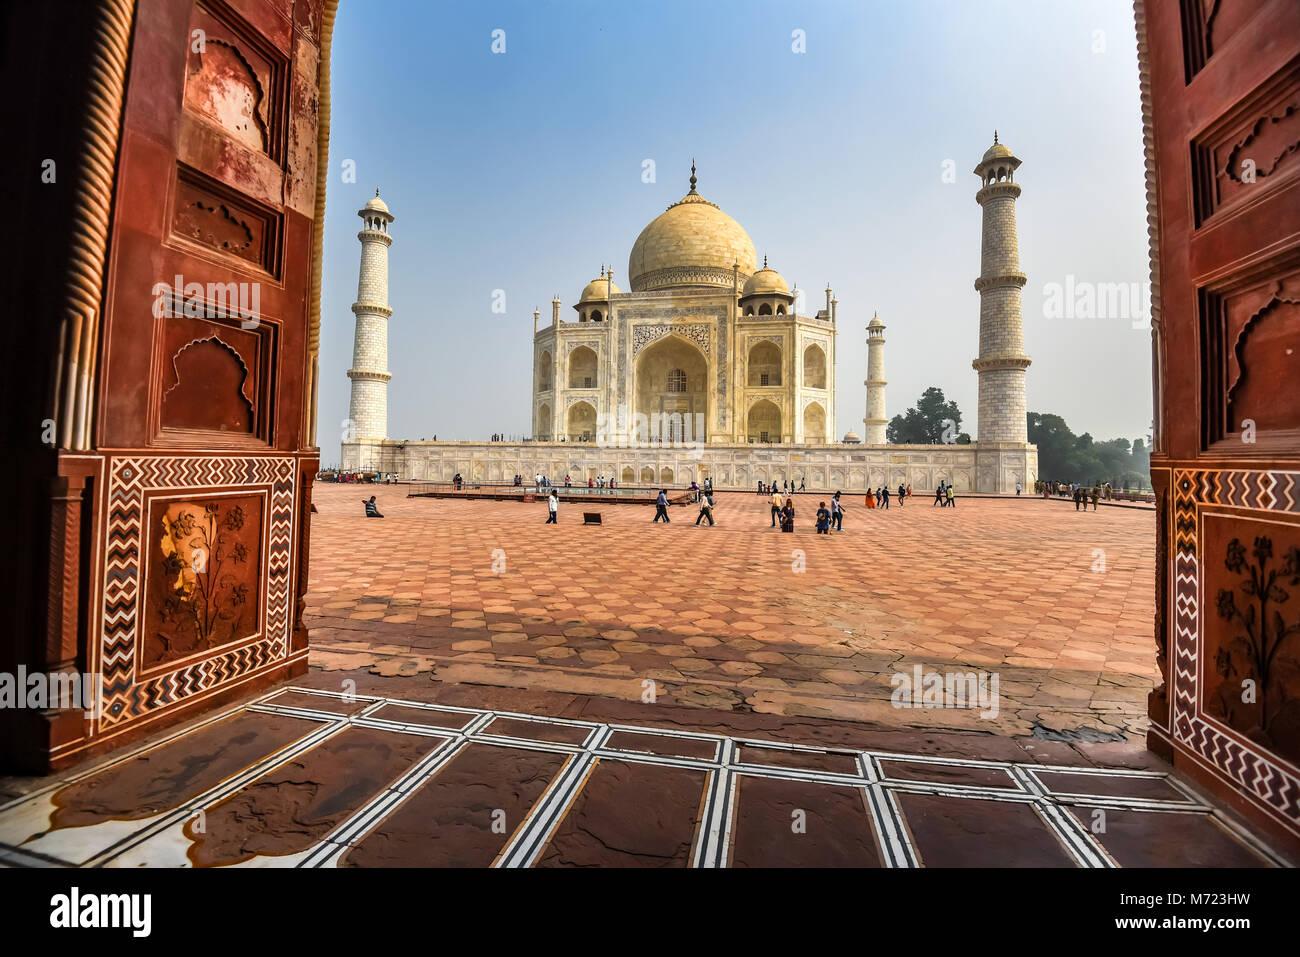 AGRA, Indien - 8. NOVEMBER 2017: Taj Mahal szenische Ansicht vom Moschee in Agra, Indien. Stockbild